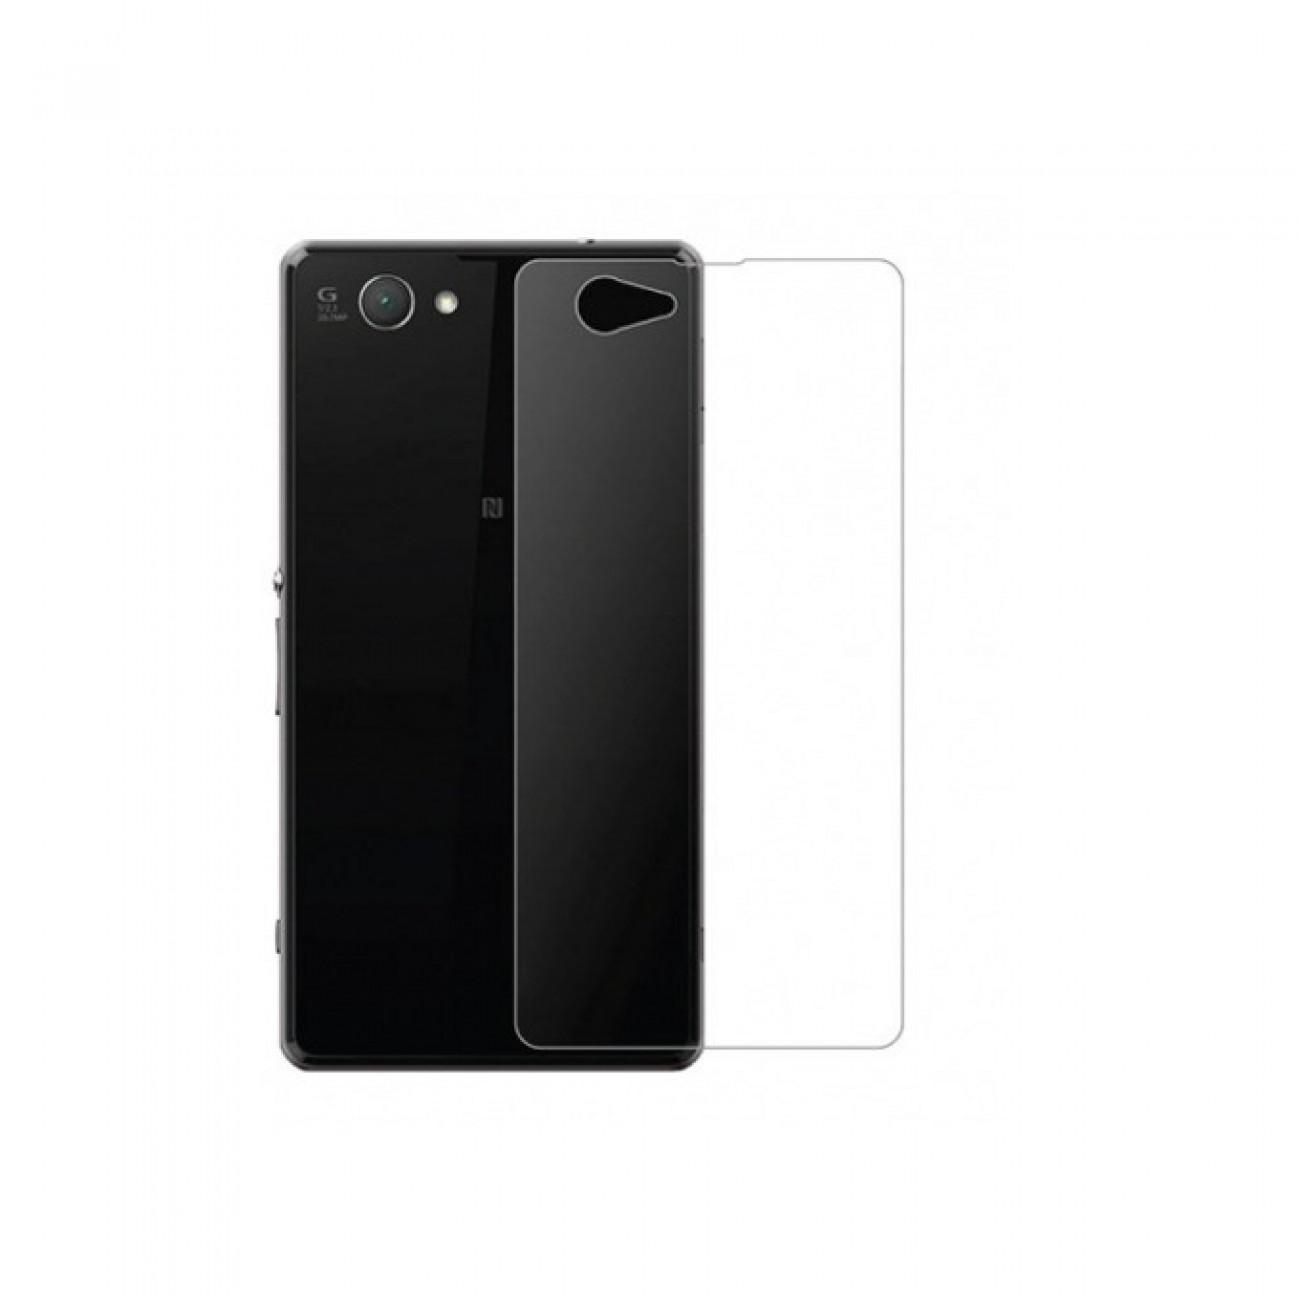 Протектор от закалено стъкло /Tempered Glass/ Sony за Xperia Z1 Mini Compact, протектор за гръб в Защитно фолио -    Alleop